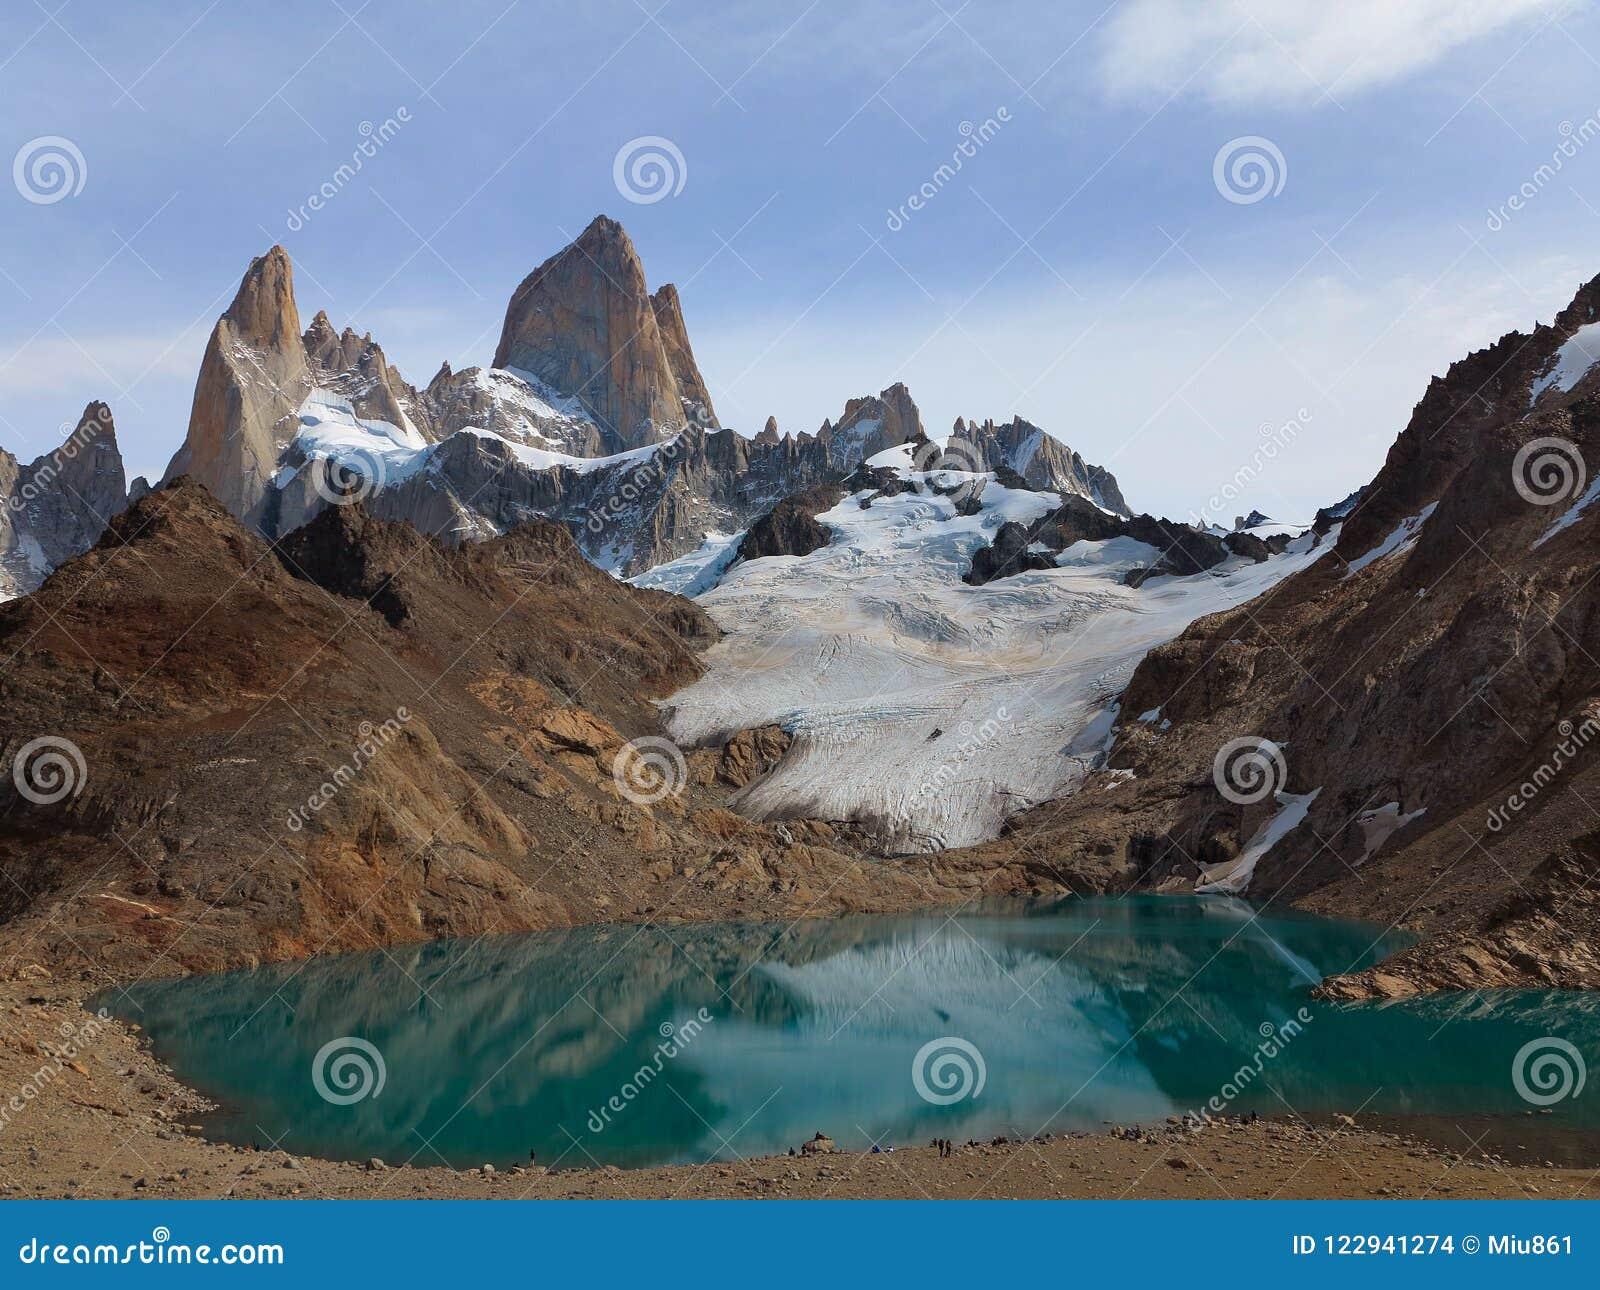 Sunny Mountains met Turkoois Meer Sneeuw die op de Helling van de Berg liggen